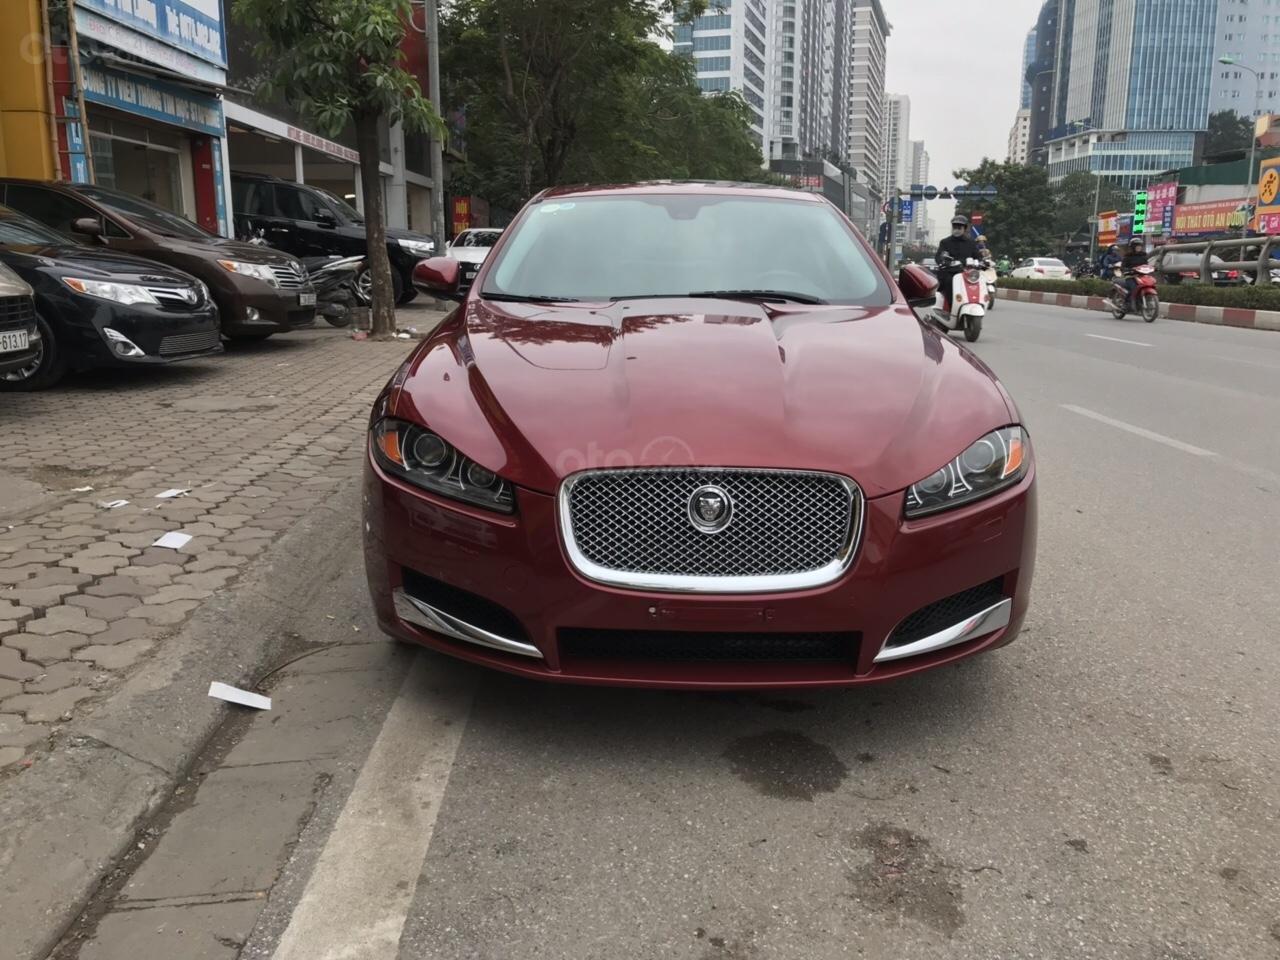 Cần bán Jaguar XF màu đỏ model 2014, xe nhập, giá tốt-0